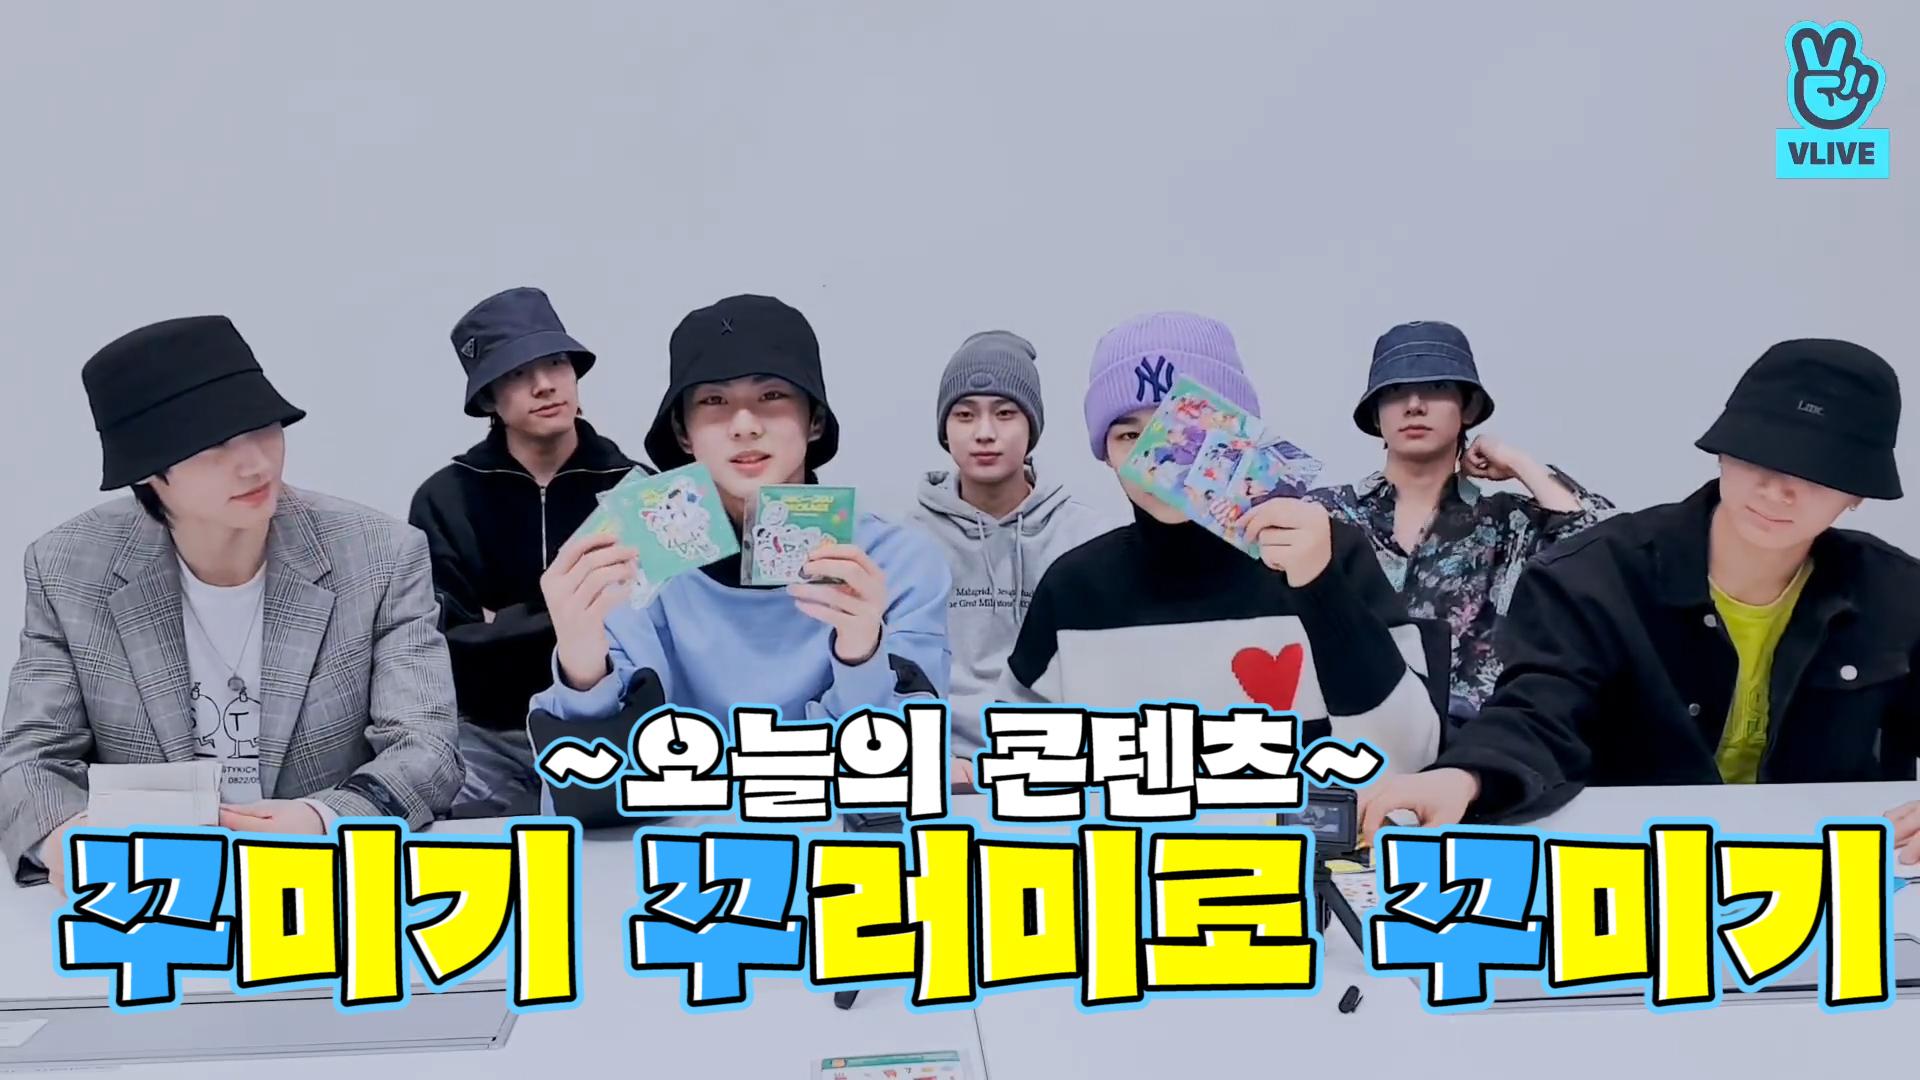 [ENHYPEN] 🌟트렌드를 만드는🌟 엔하이픈의 꾸꾸 공작소 (ENHYPEN decorating their photo)